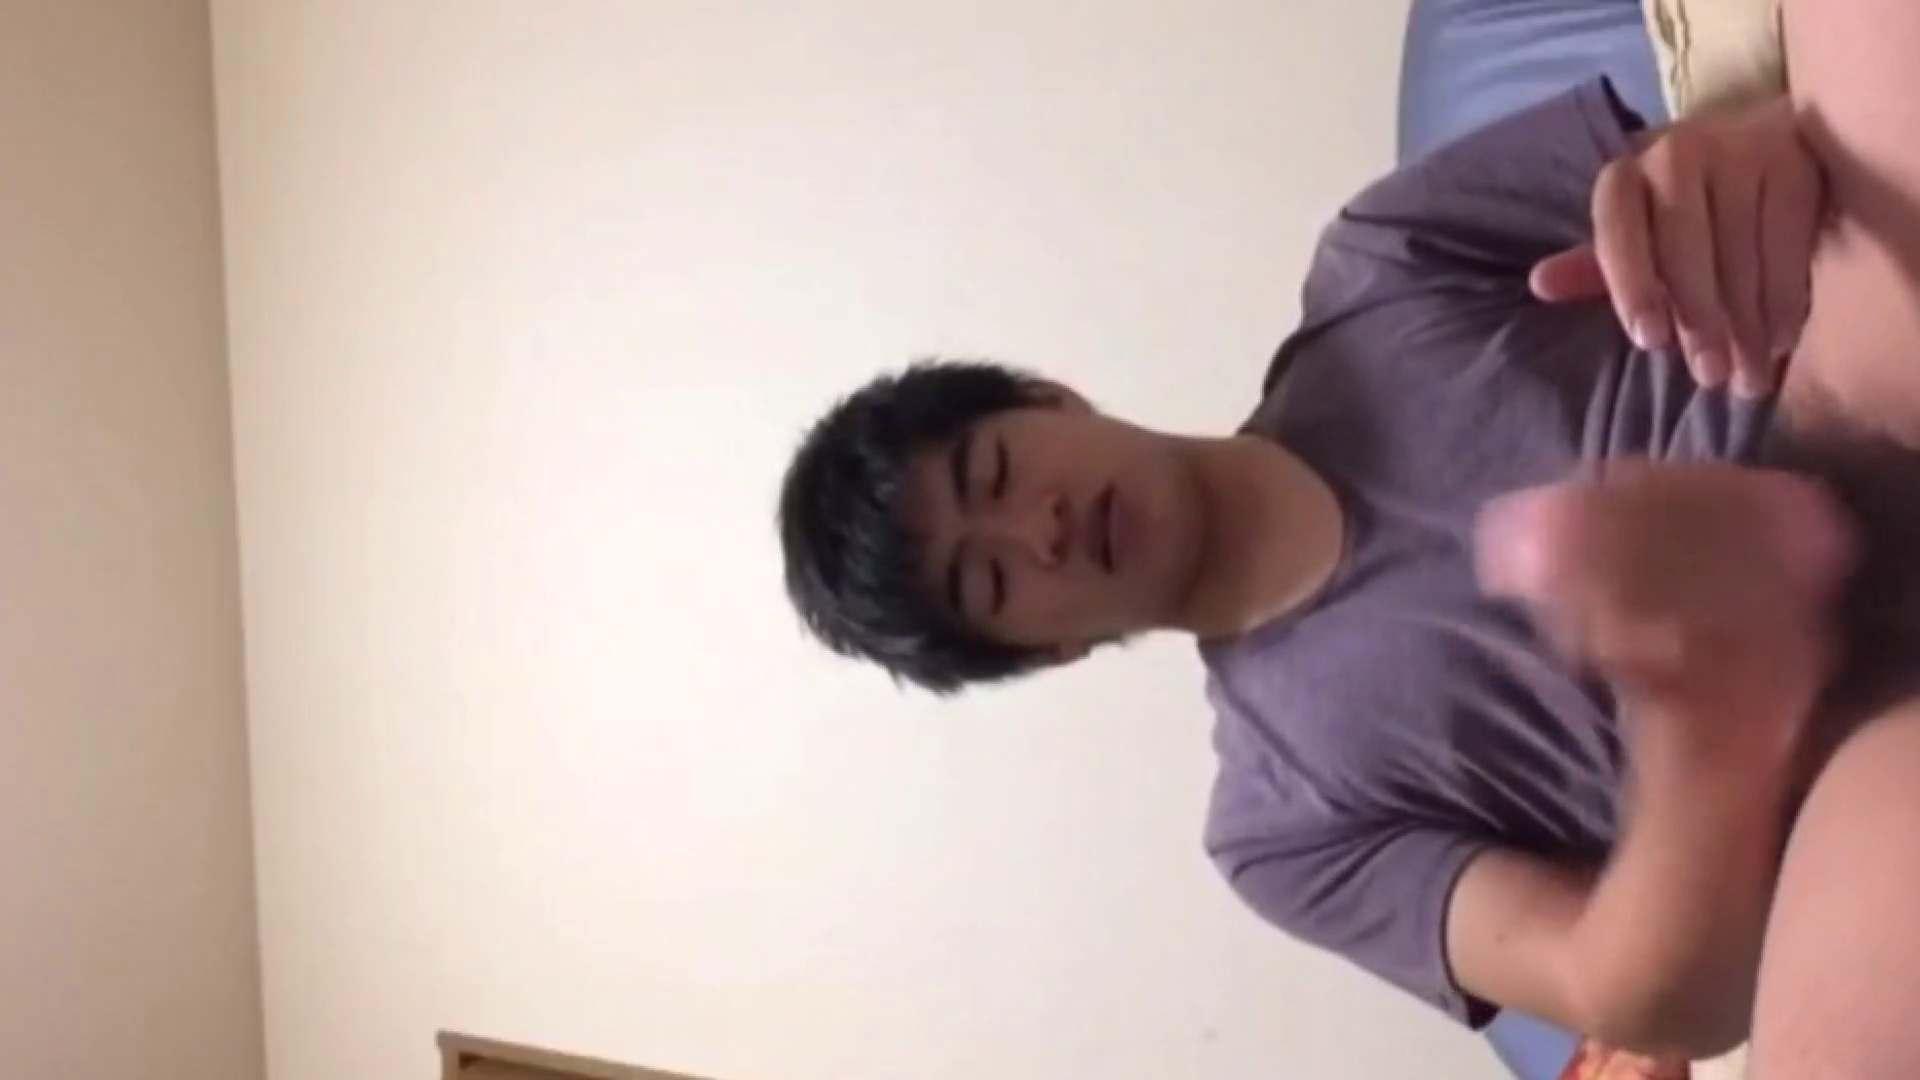 大人の男を夢見るBOYS Vol.61 無修正 ゲイアダルトビデオ画像 84pic 48